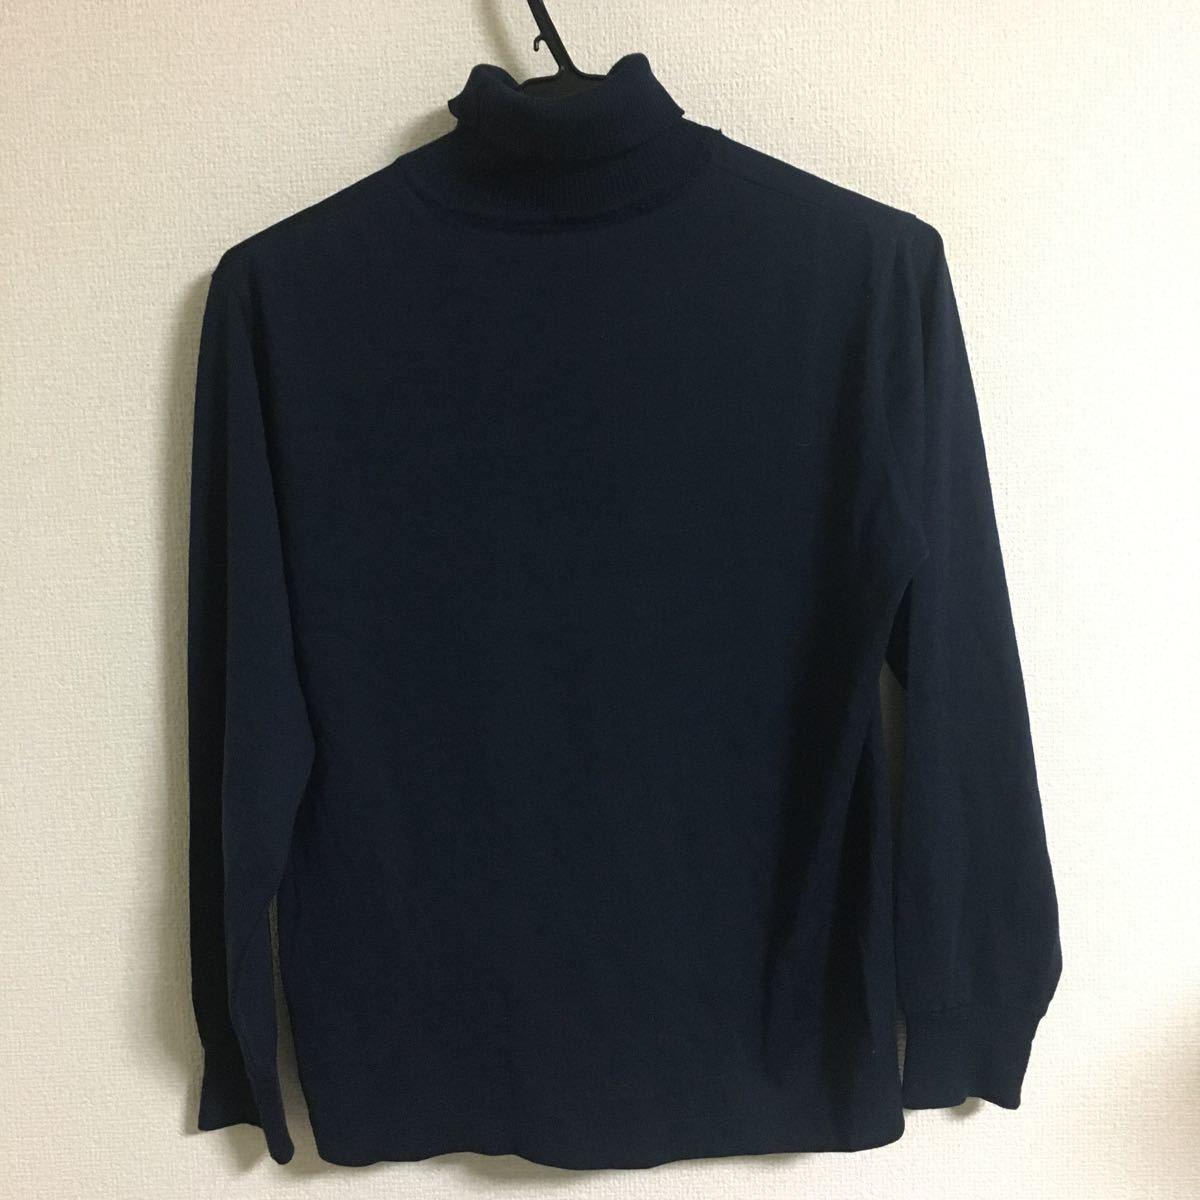 ラコステ タートルネック 長袖シャツ サイズ2